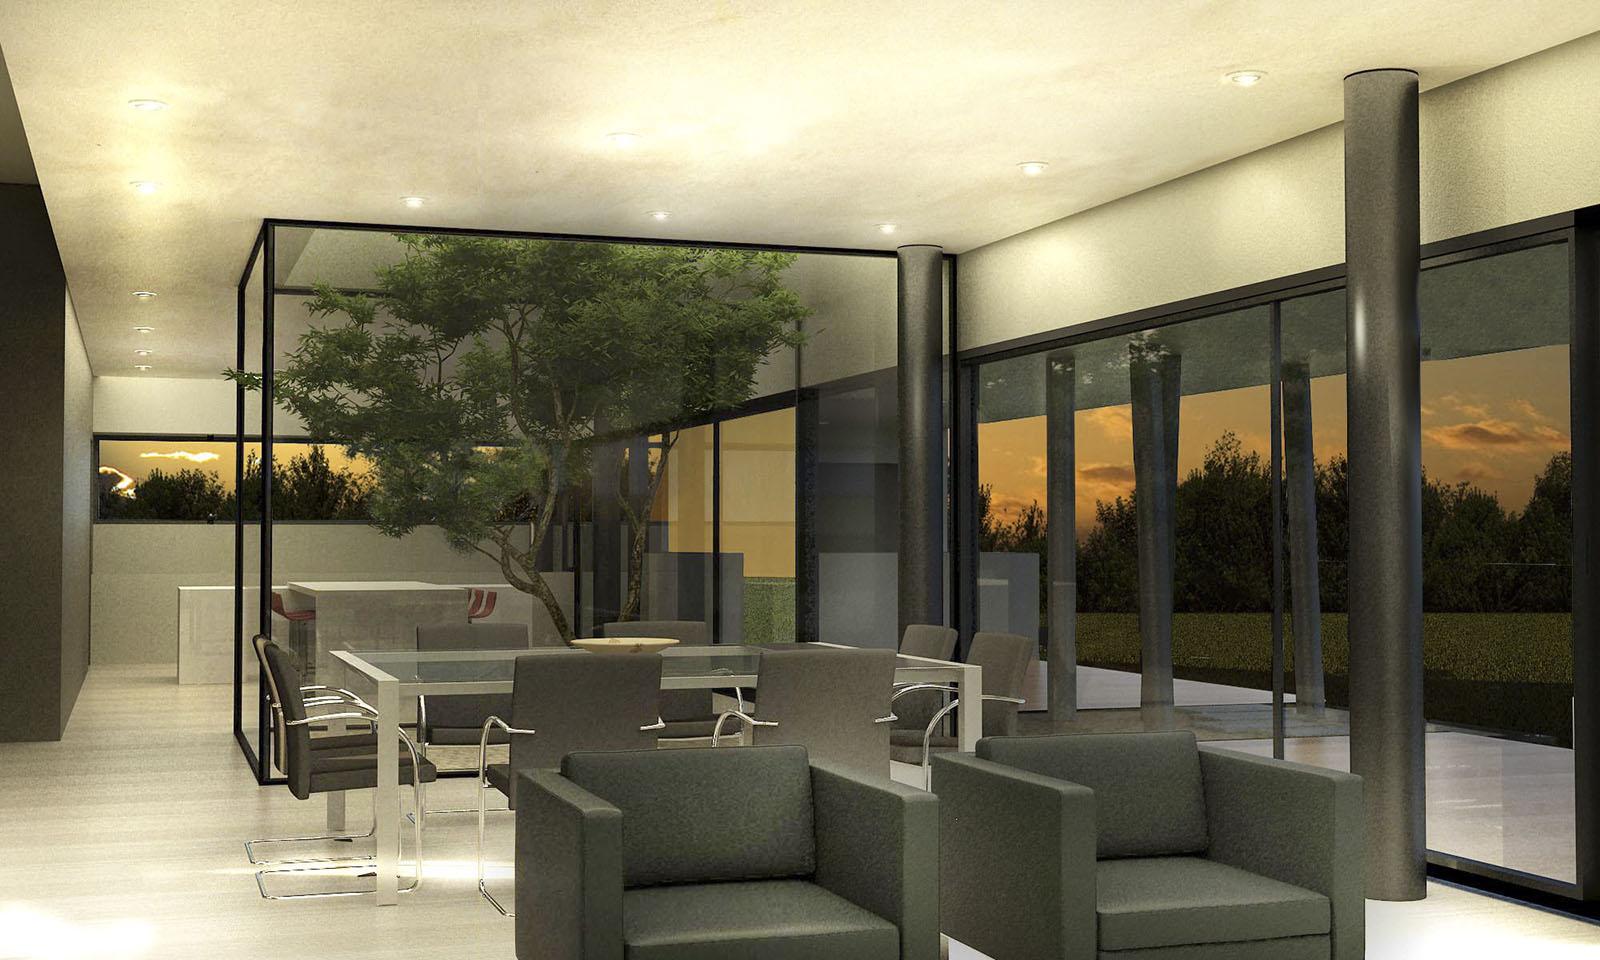 jardines interiores, árbol en comedor, interiores contemporáneos